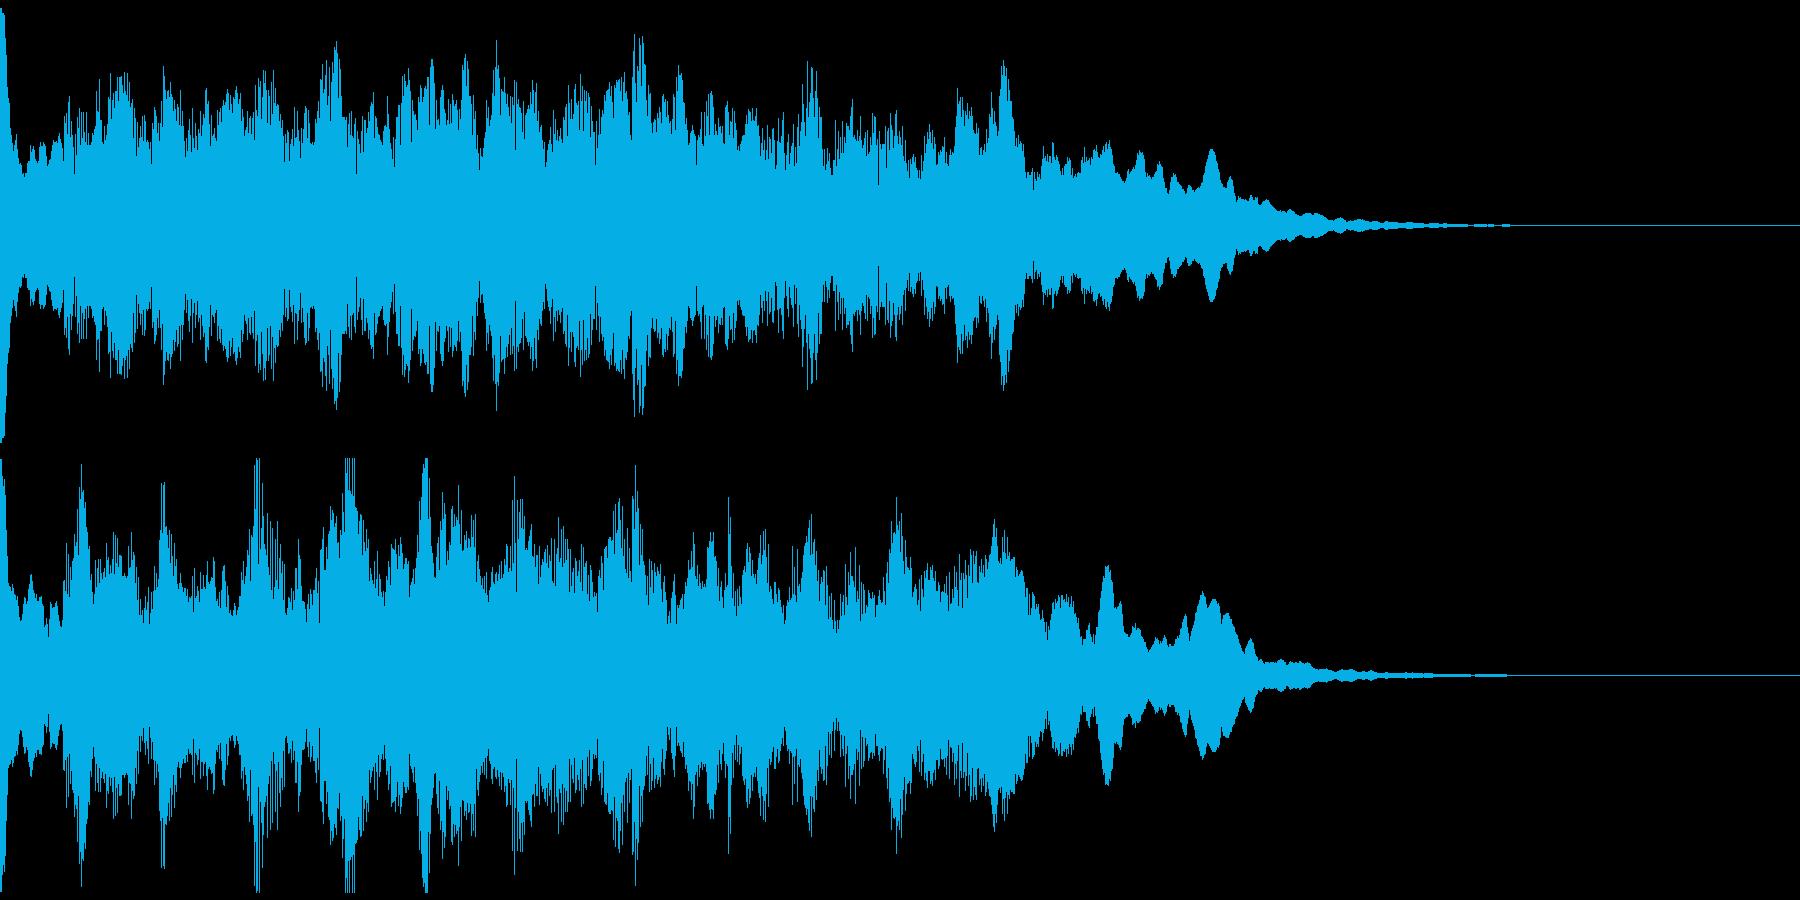 サウンドロゴ、5秒CM、場面転換verAの再生済みの波形